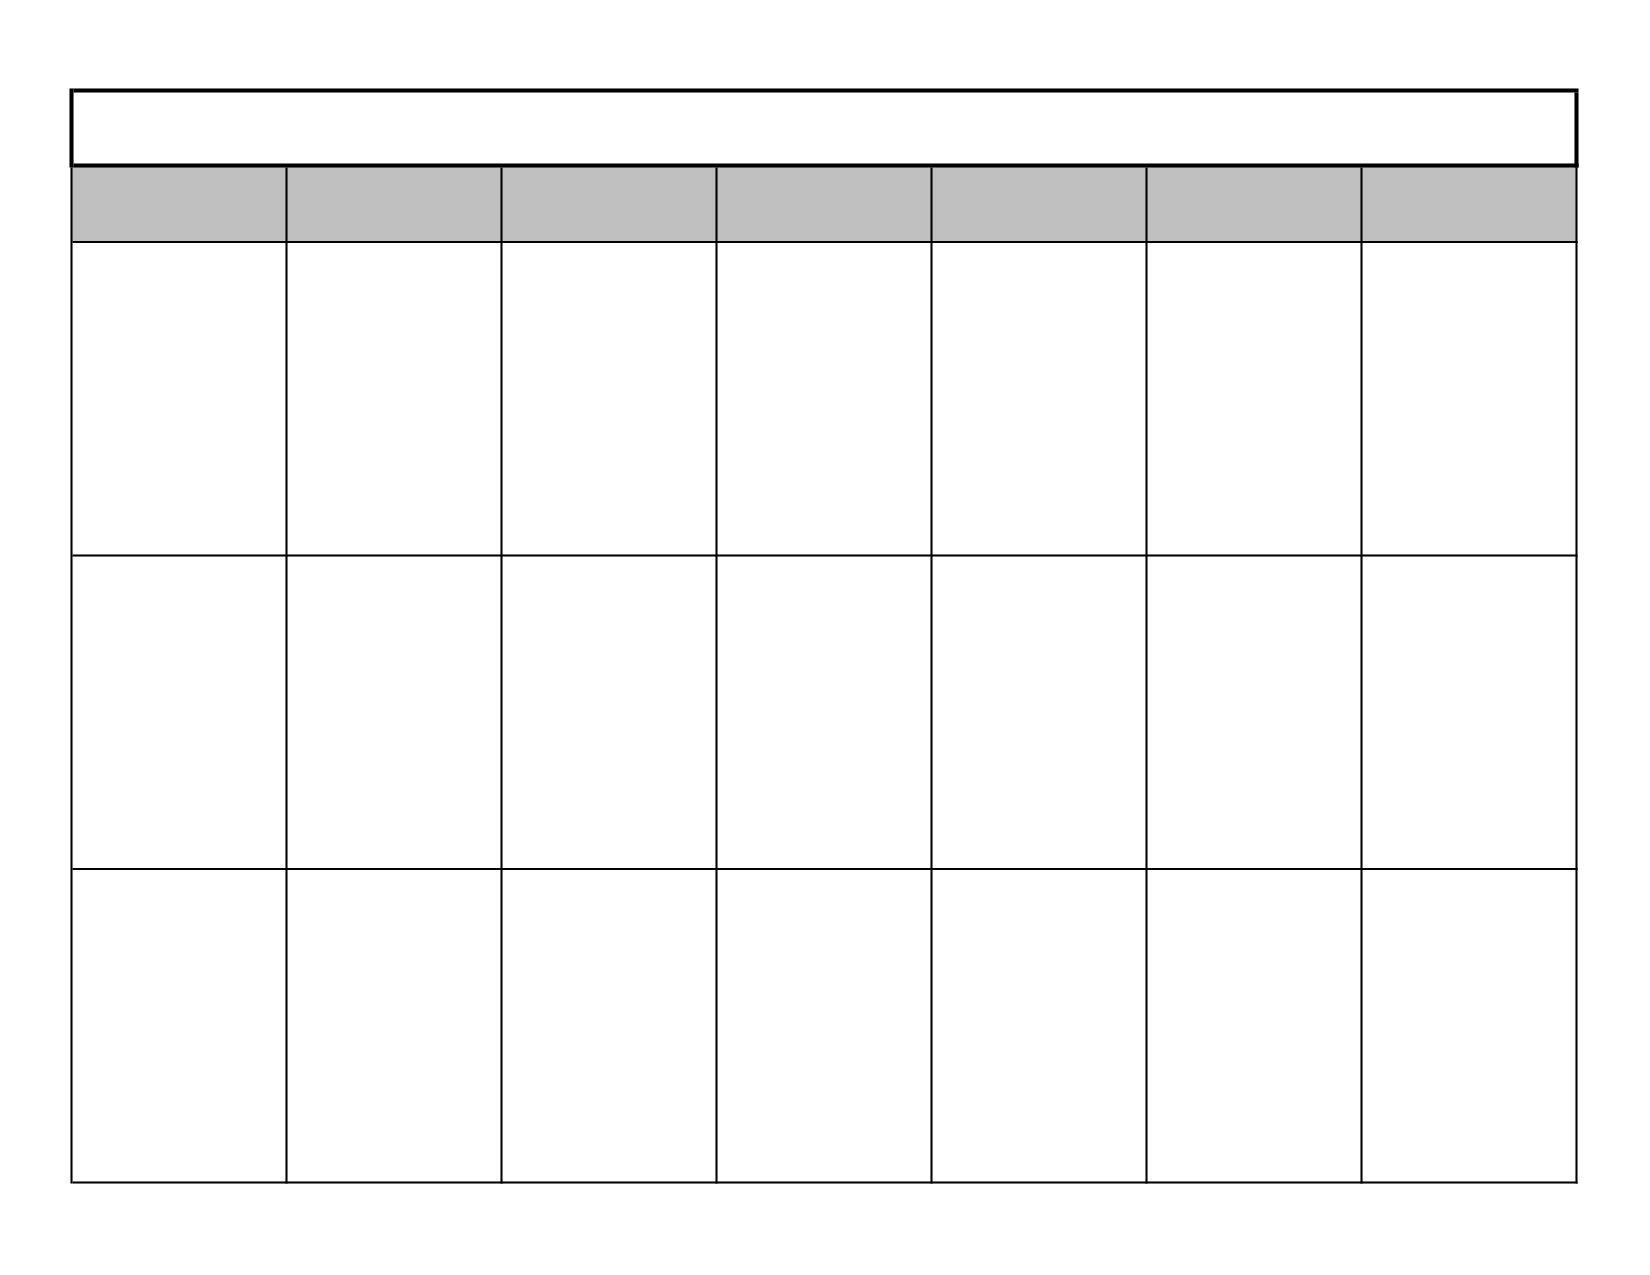 Blank Calendar Template Aplg Planetariums Org Ripping 2 Week  Blank Weekly Calendar